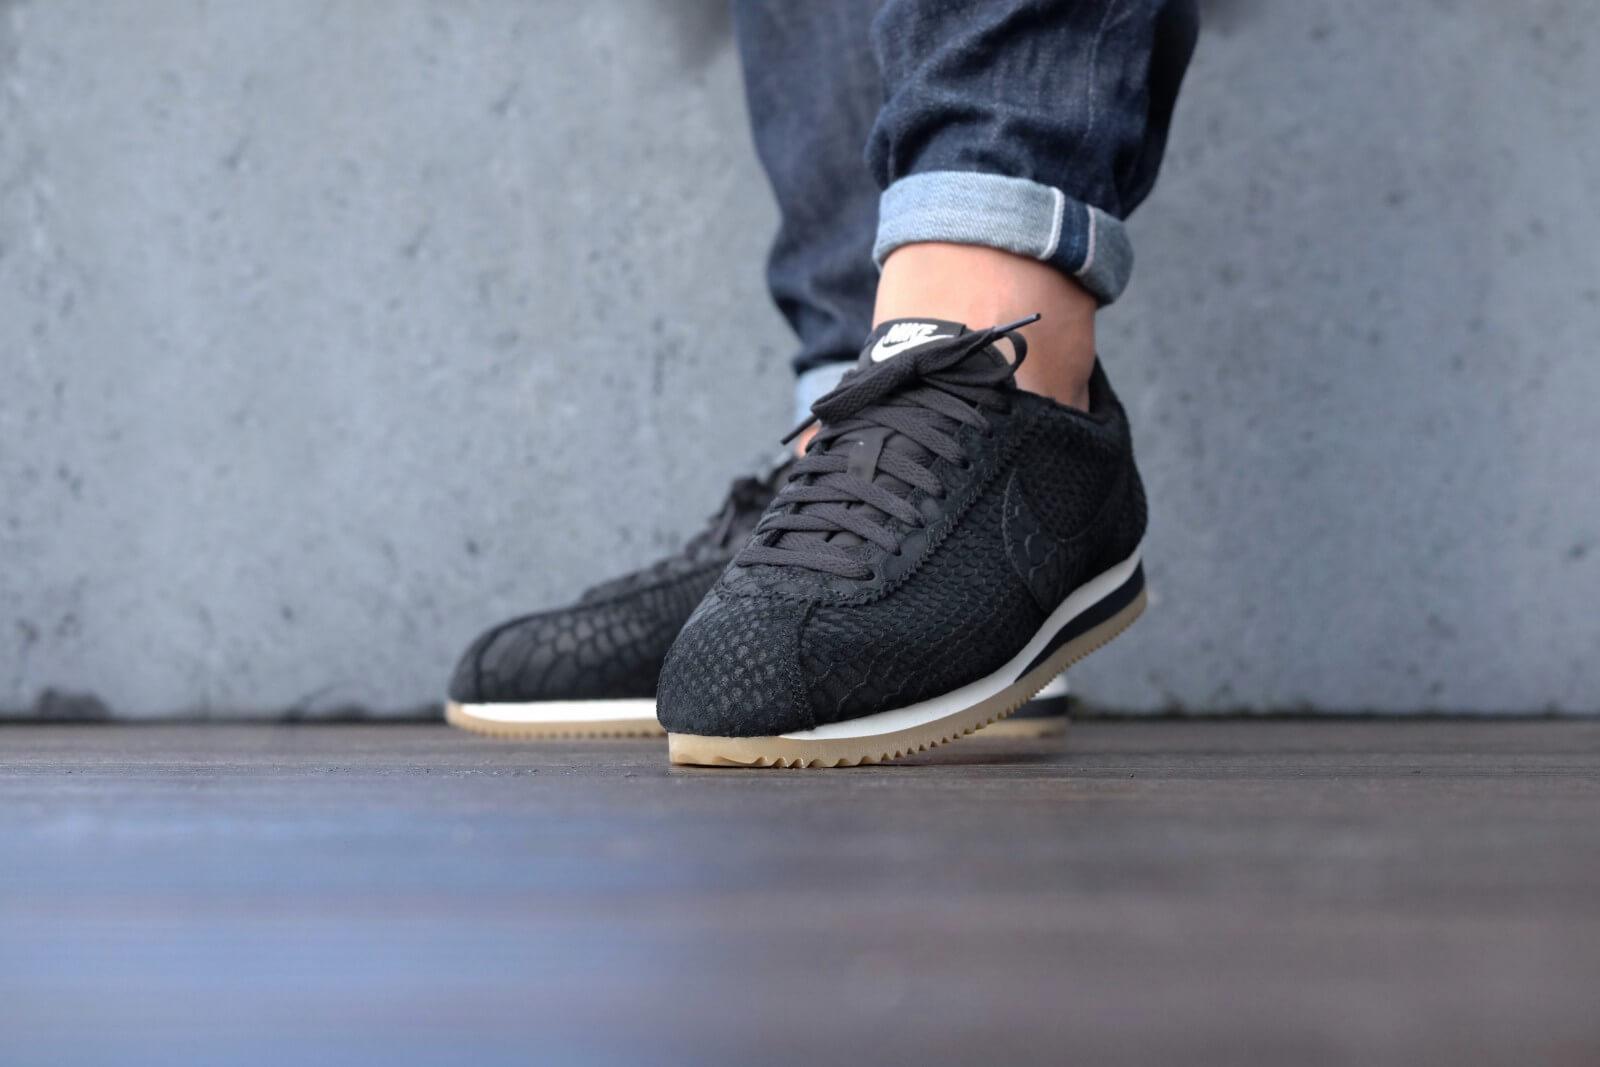 Nike Classic Cortez Leather Premium Black Gum